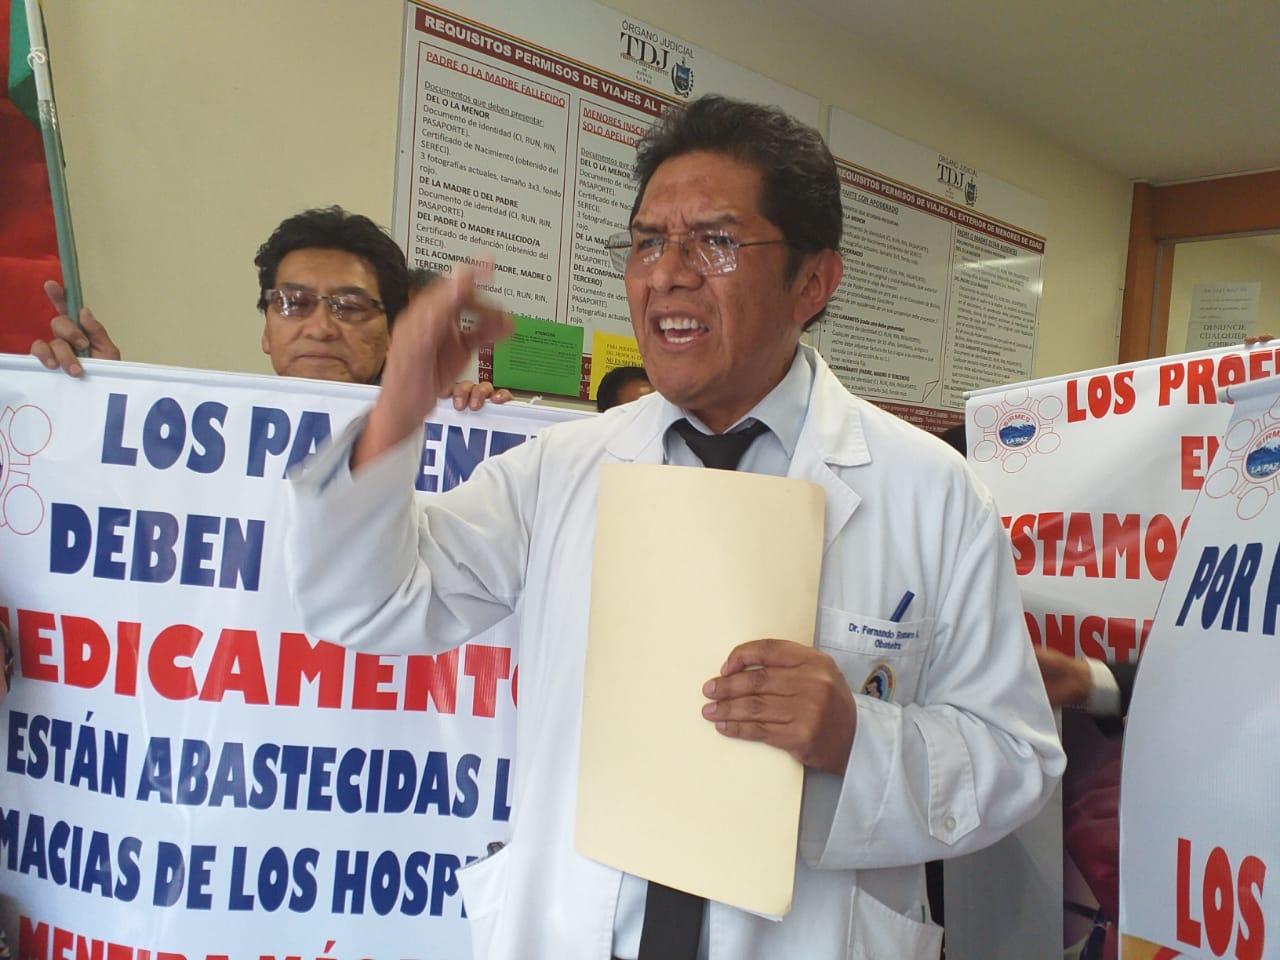 SIRMES presenta denuncia contra el Ministerio de Salud por incumplimiento de acuerdos para la atención del SUS